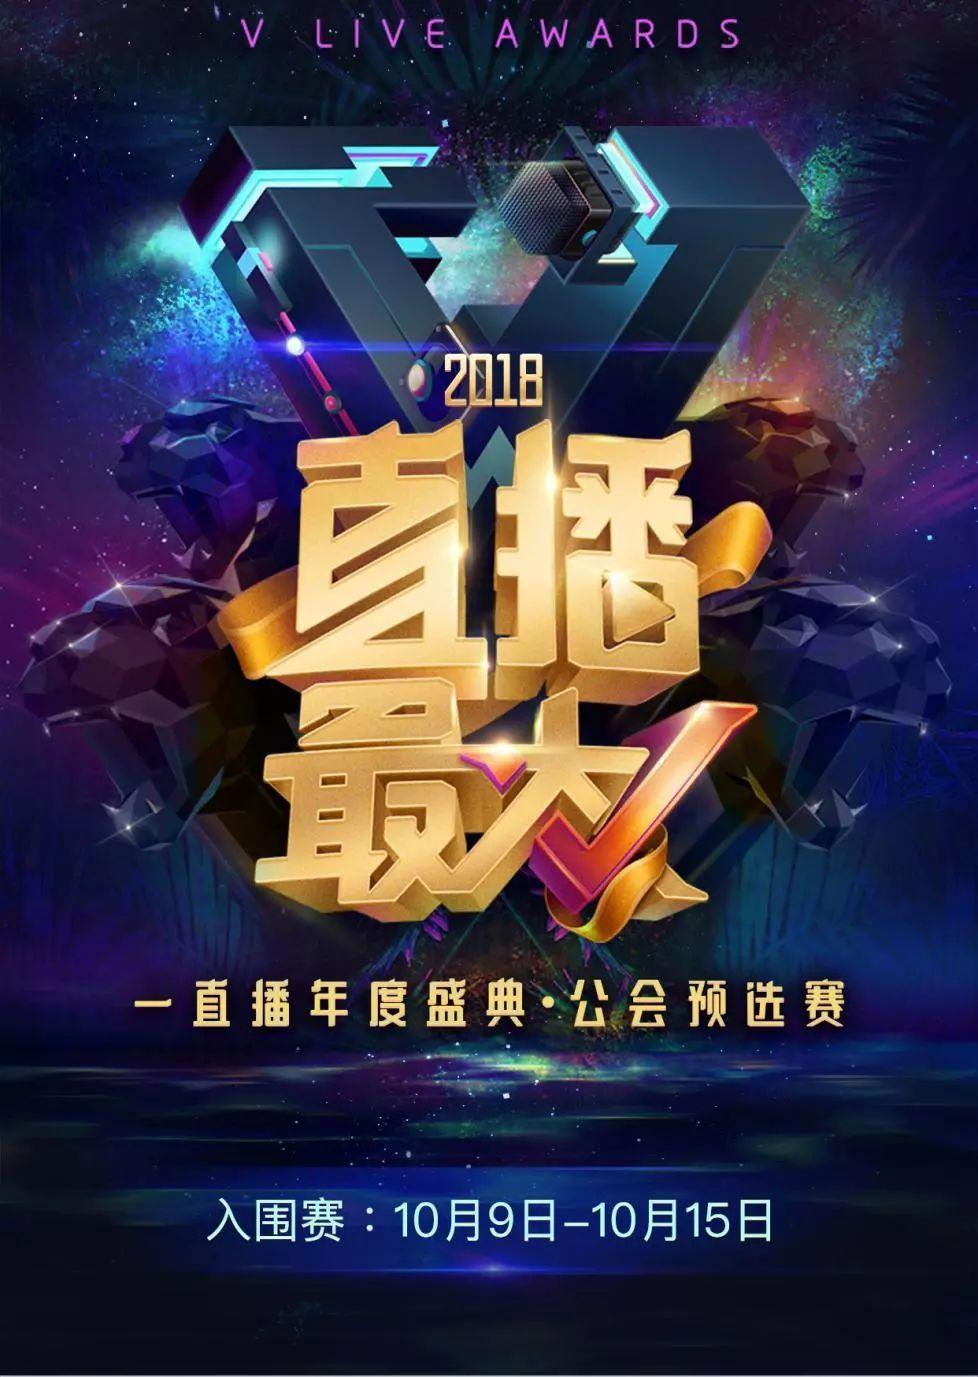 2018一直播年度盛典震撼来袭!谁将喜提百万人民币?